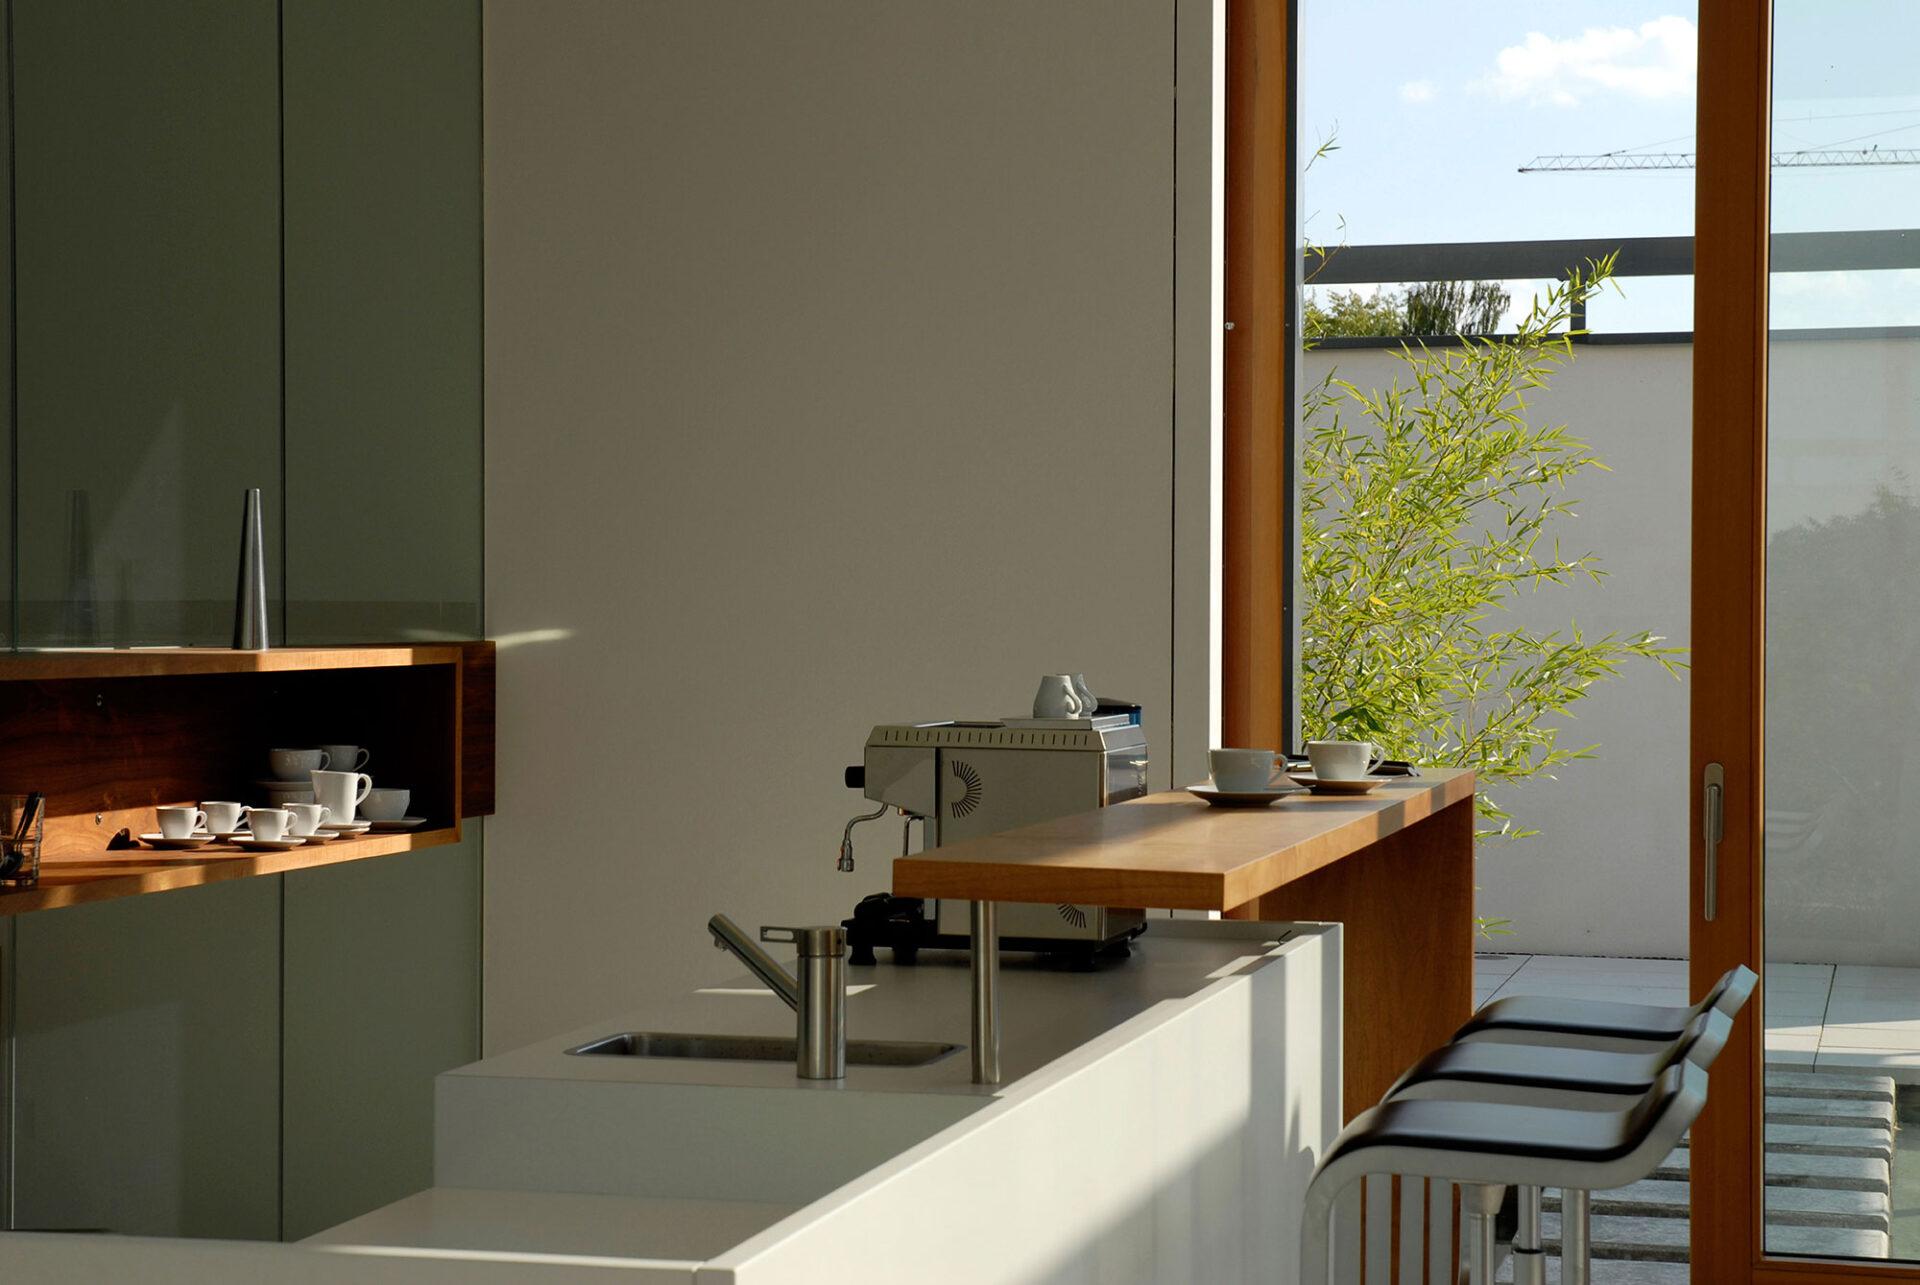 Küchenbereich im Musterhaus